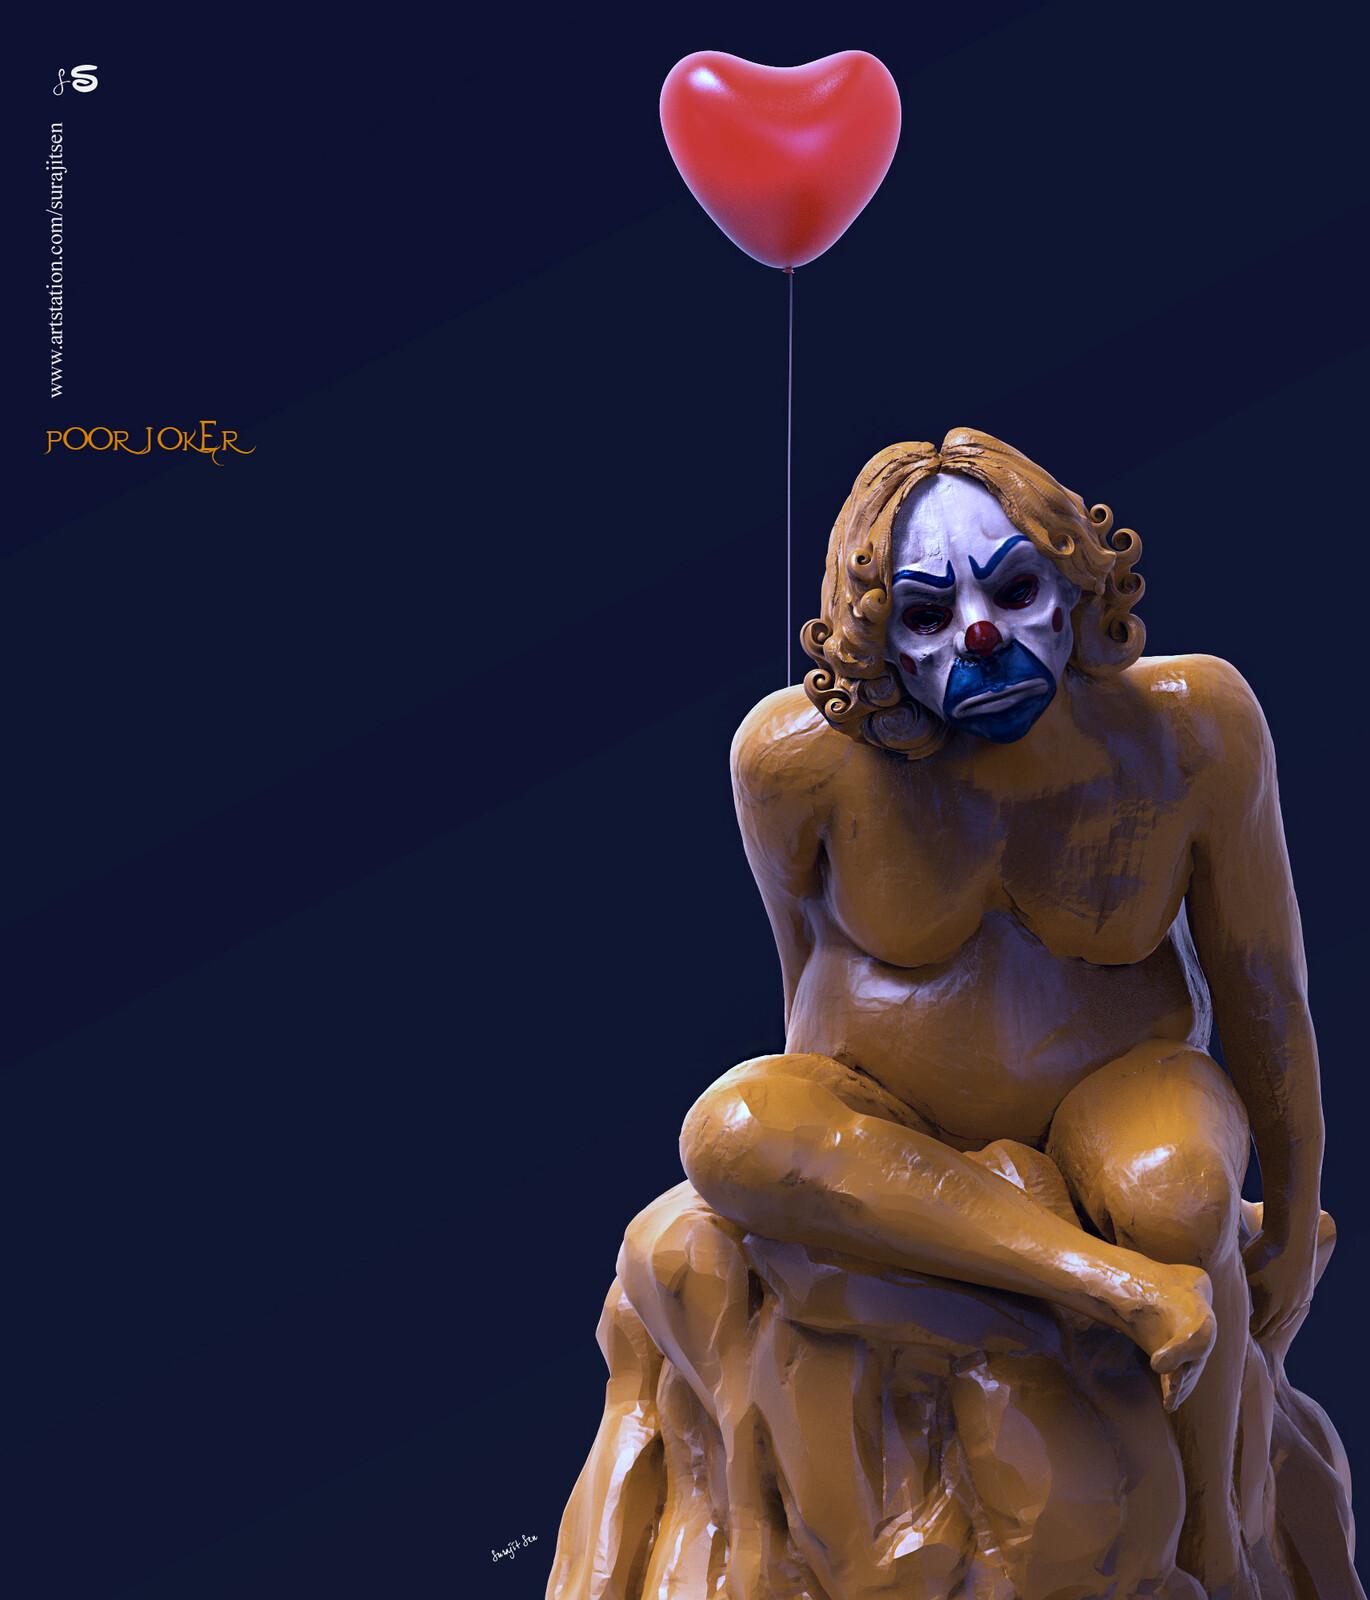 #poorjoker Updated version one of my Sculptures...